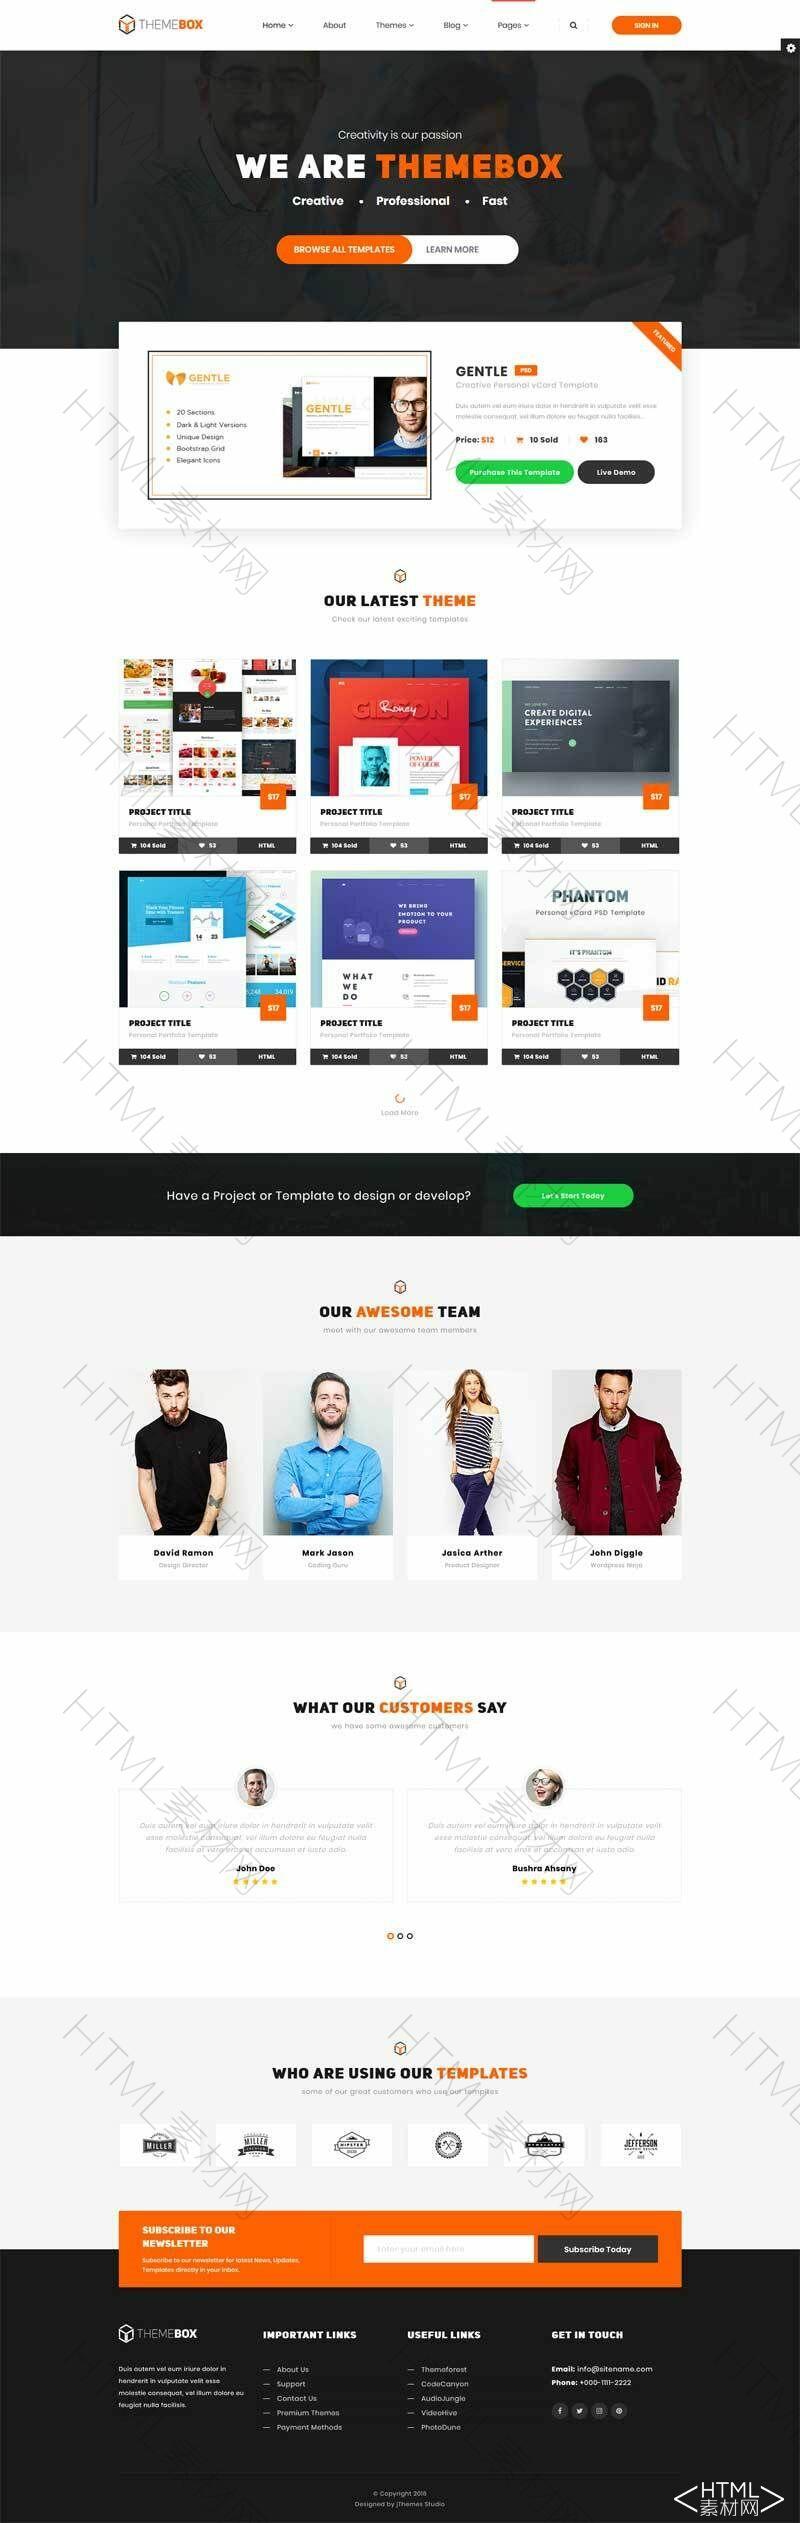 橙色的图片设计素材交易平台网站模板.jpg